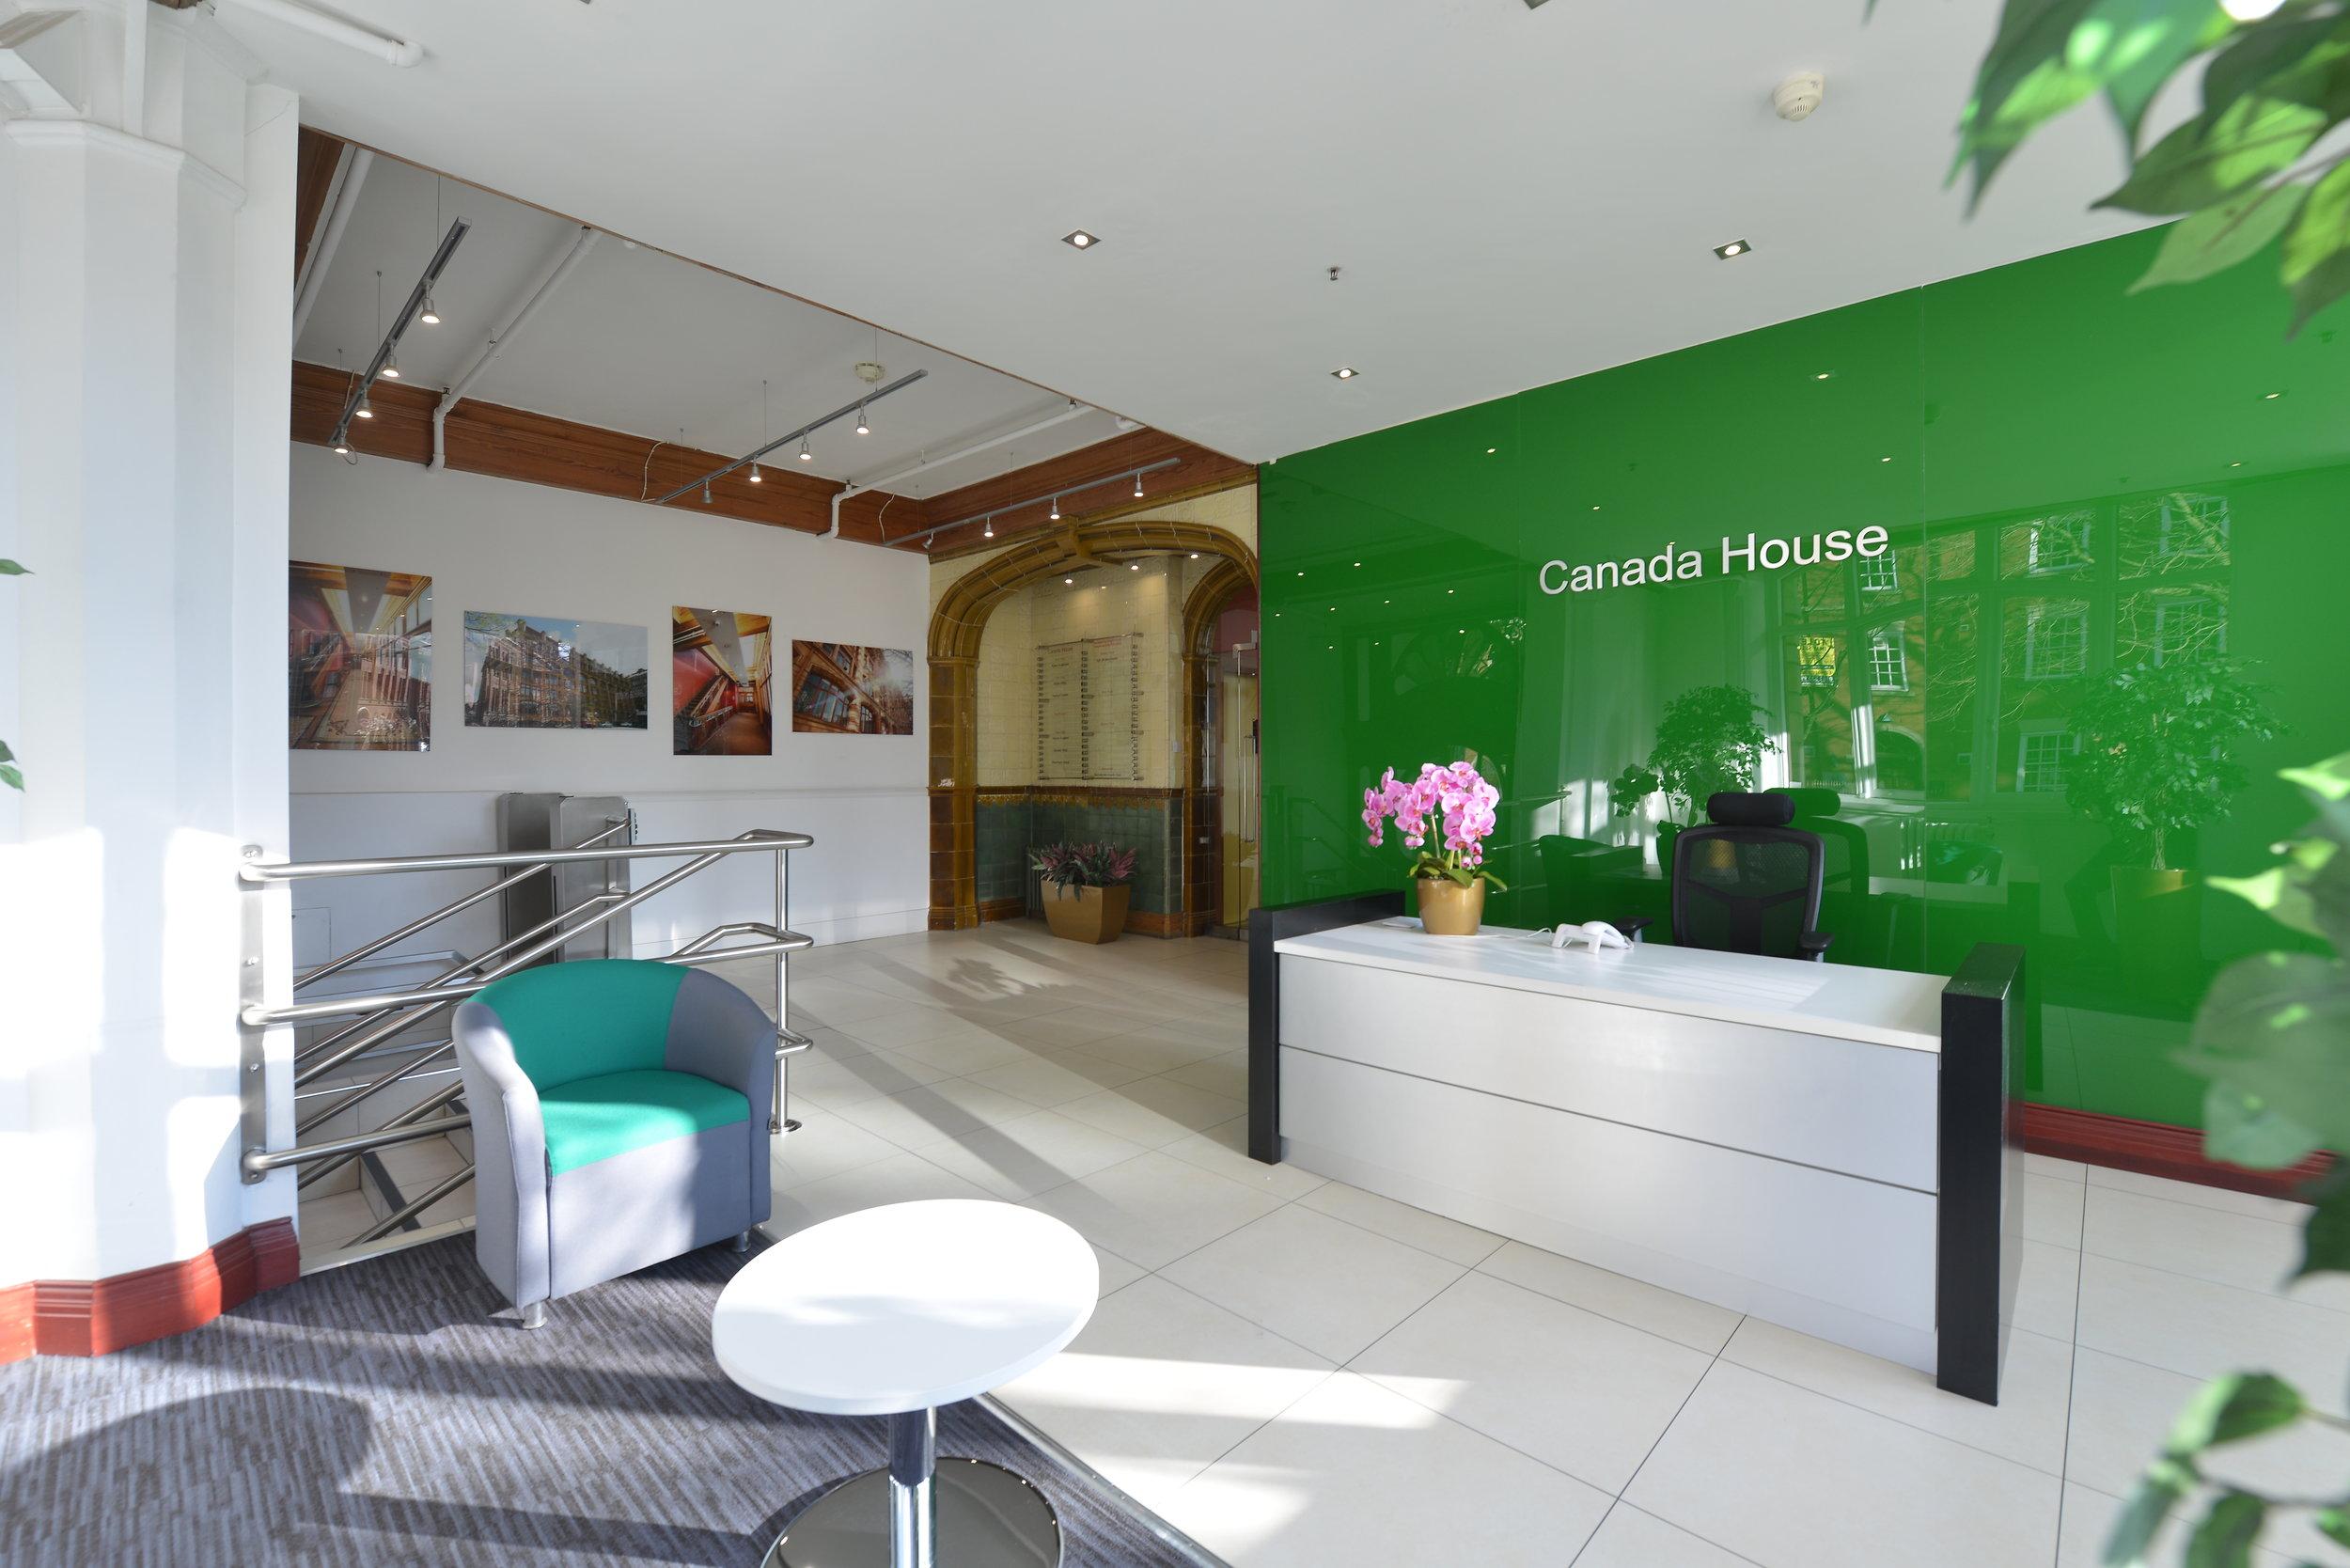 Canada House Interior Pre Refurbishment (30).JPG